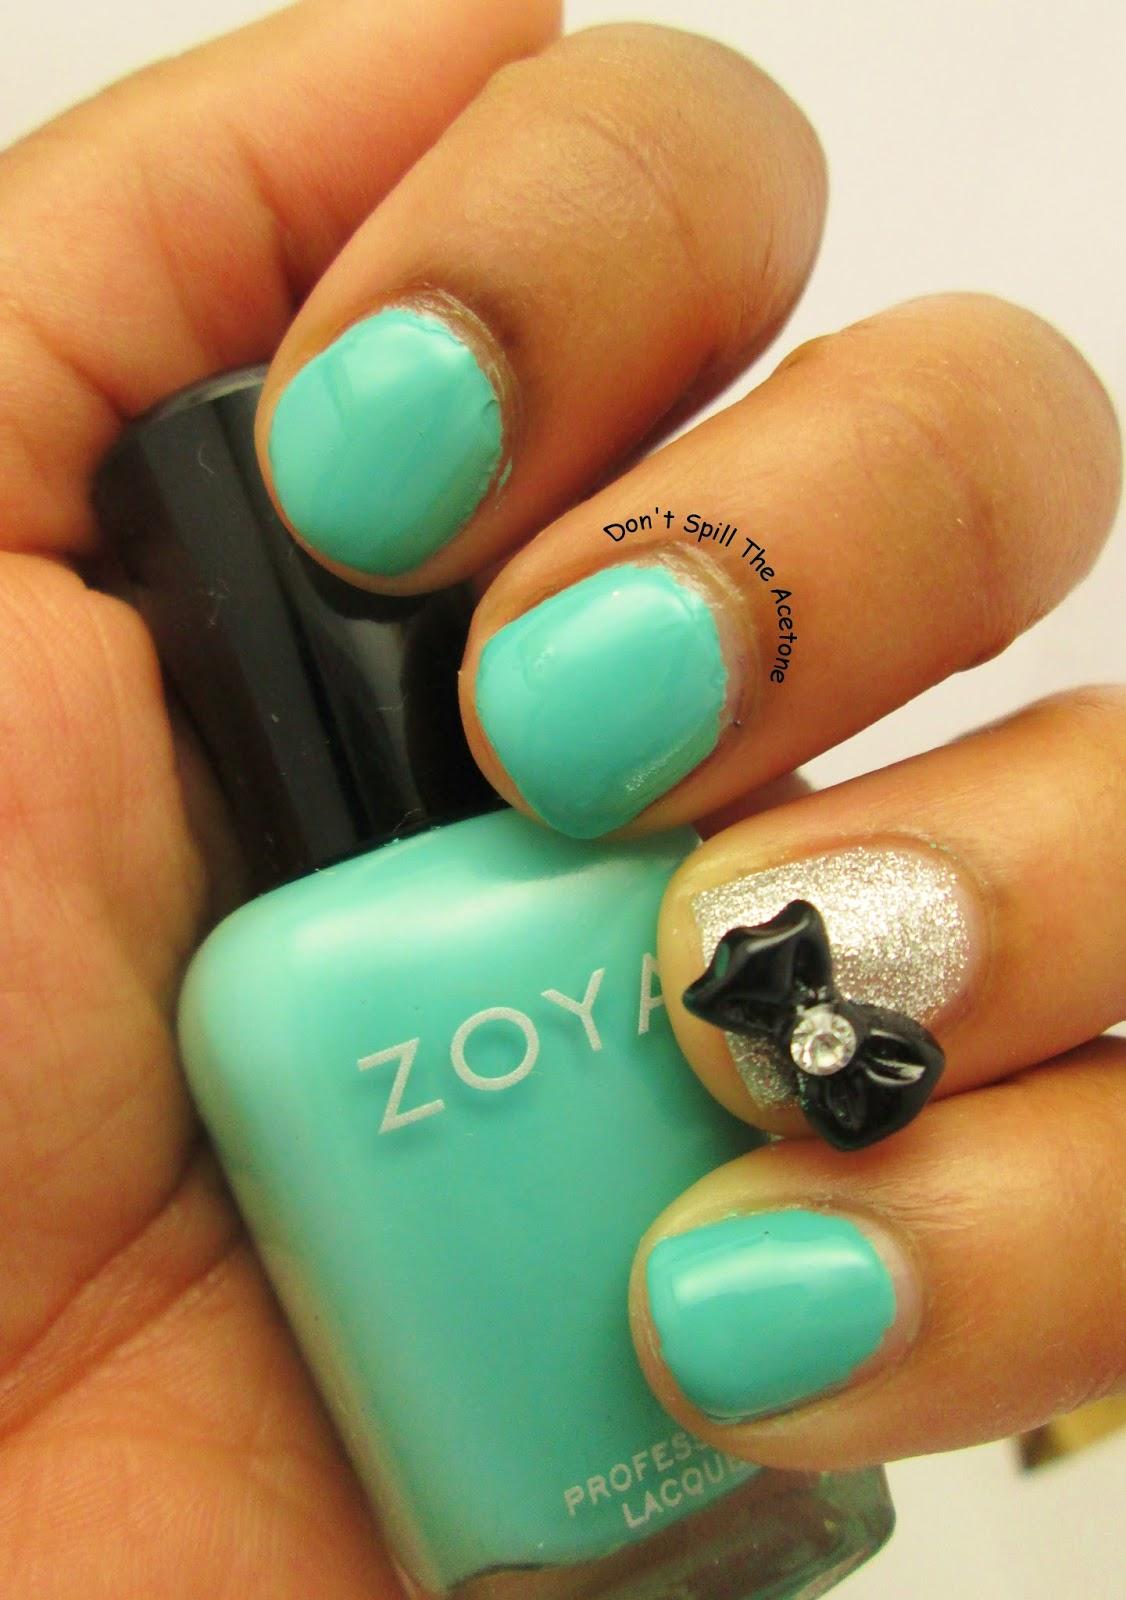 Born- Pretty- Store- Zoya- Bows